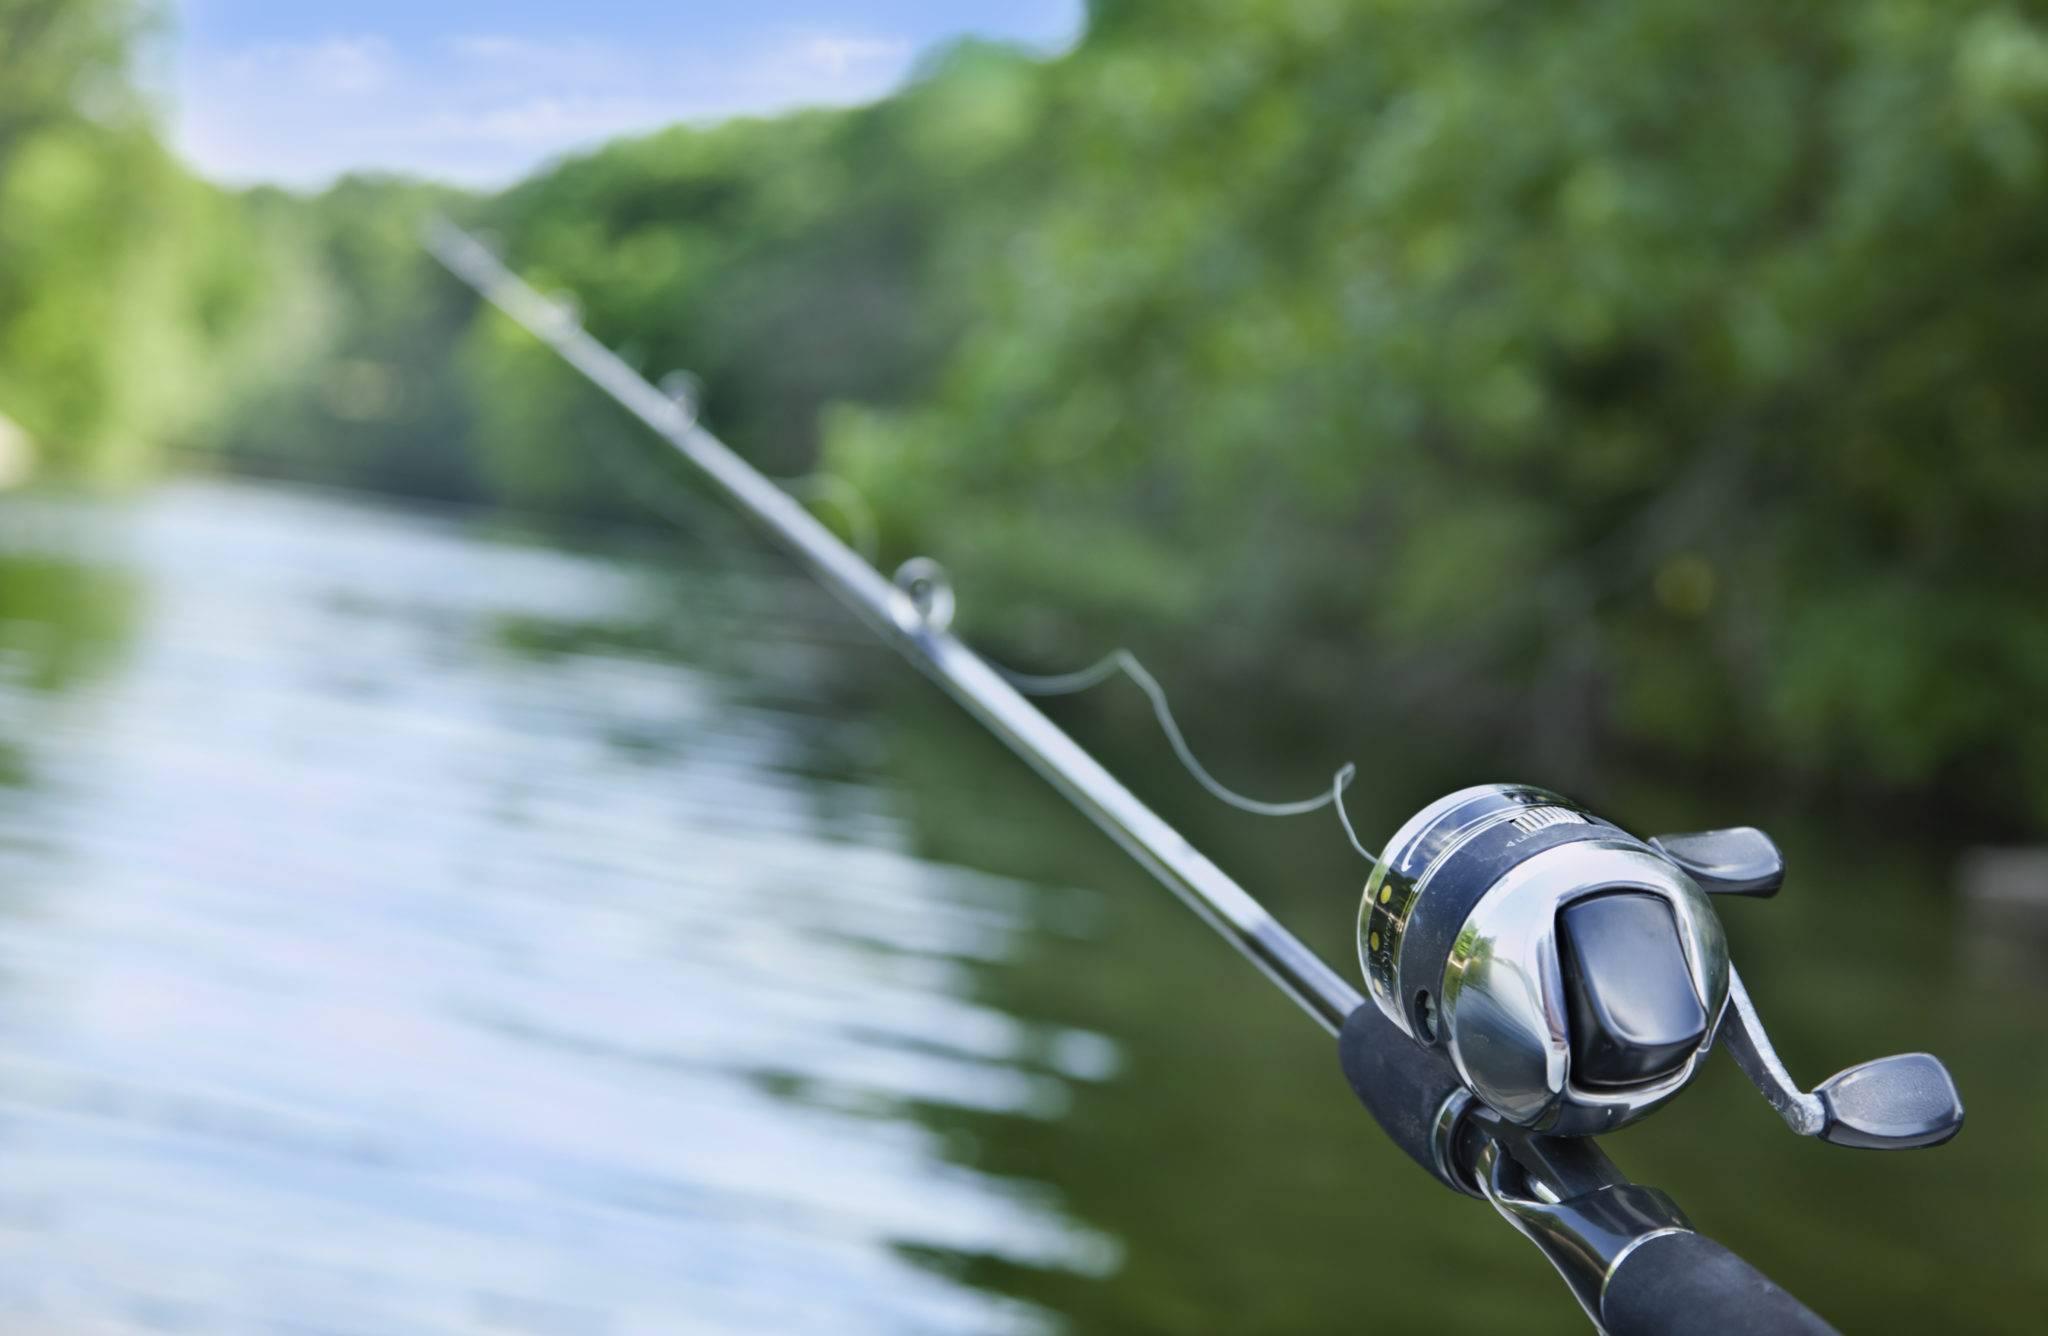 Морская рыбалка (28 фото): снасти для ловли рыбы на море с берега, в открытом балтийском и аральском море. как рыбачить на крючок?